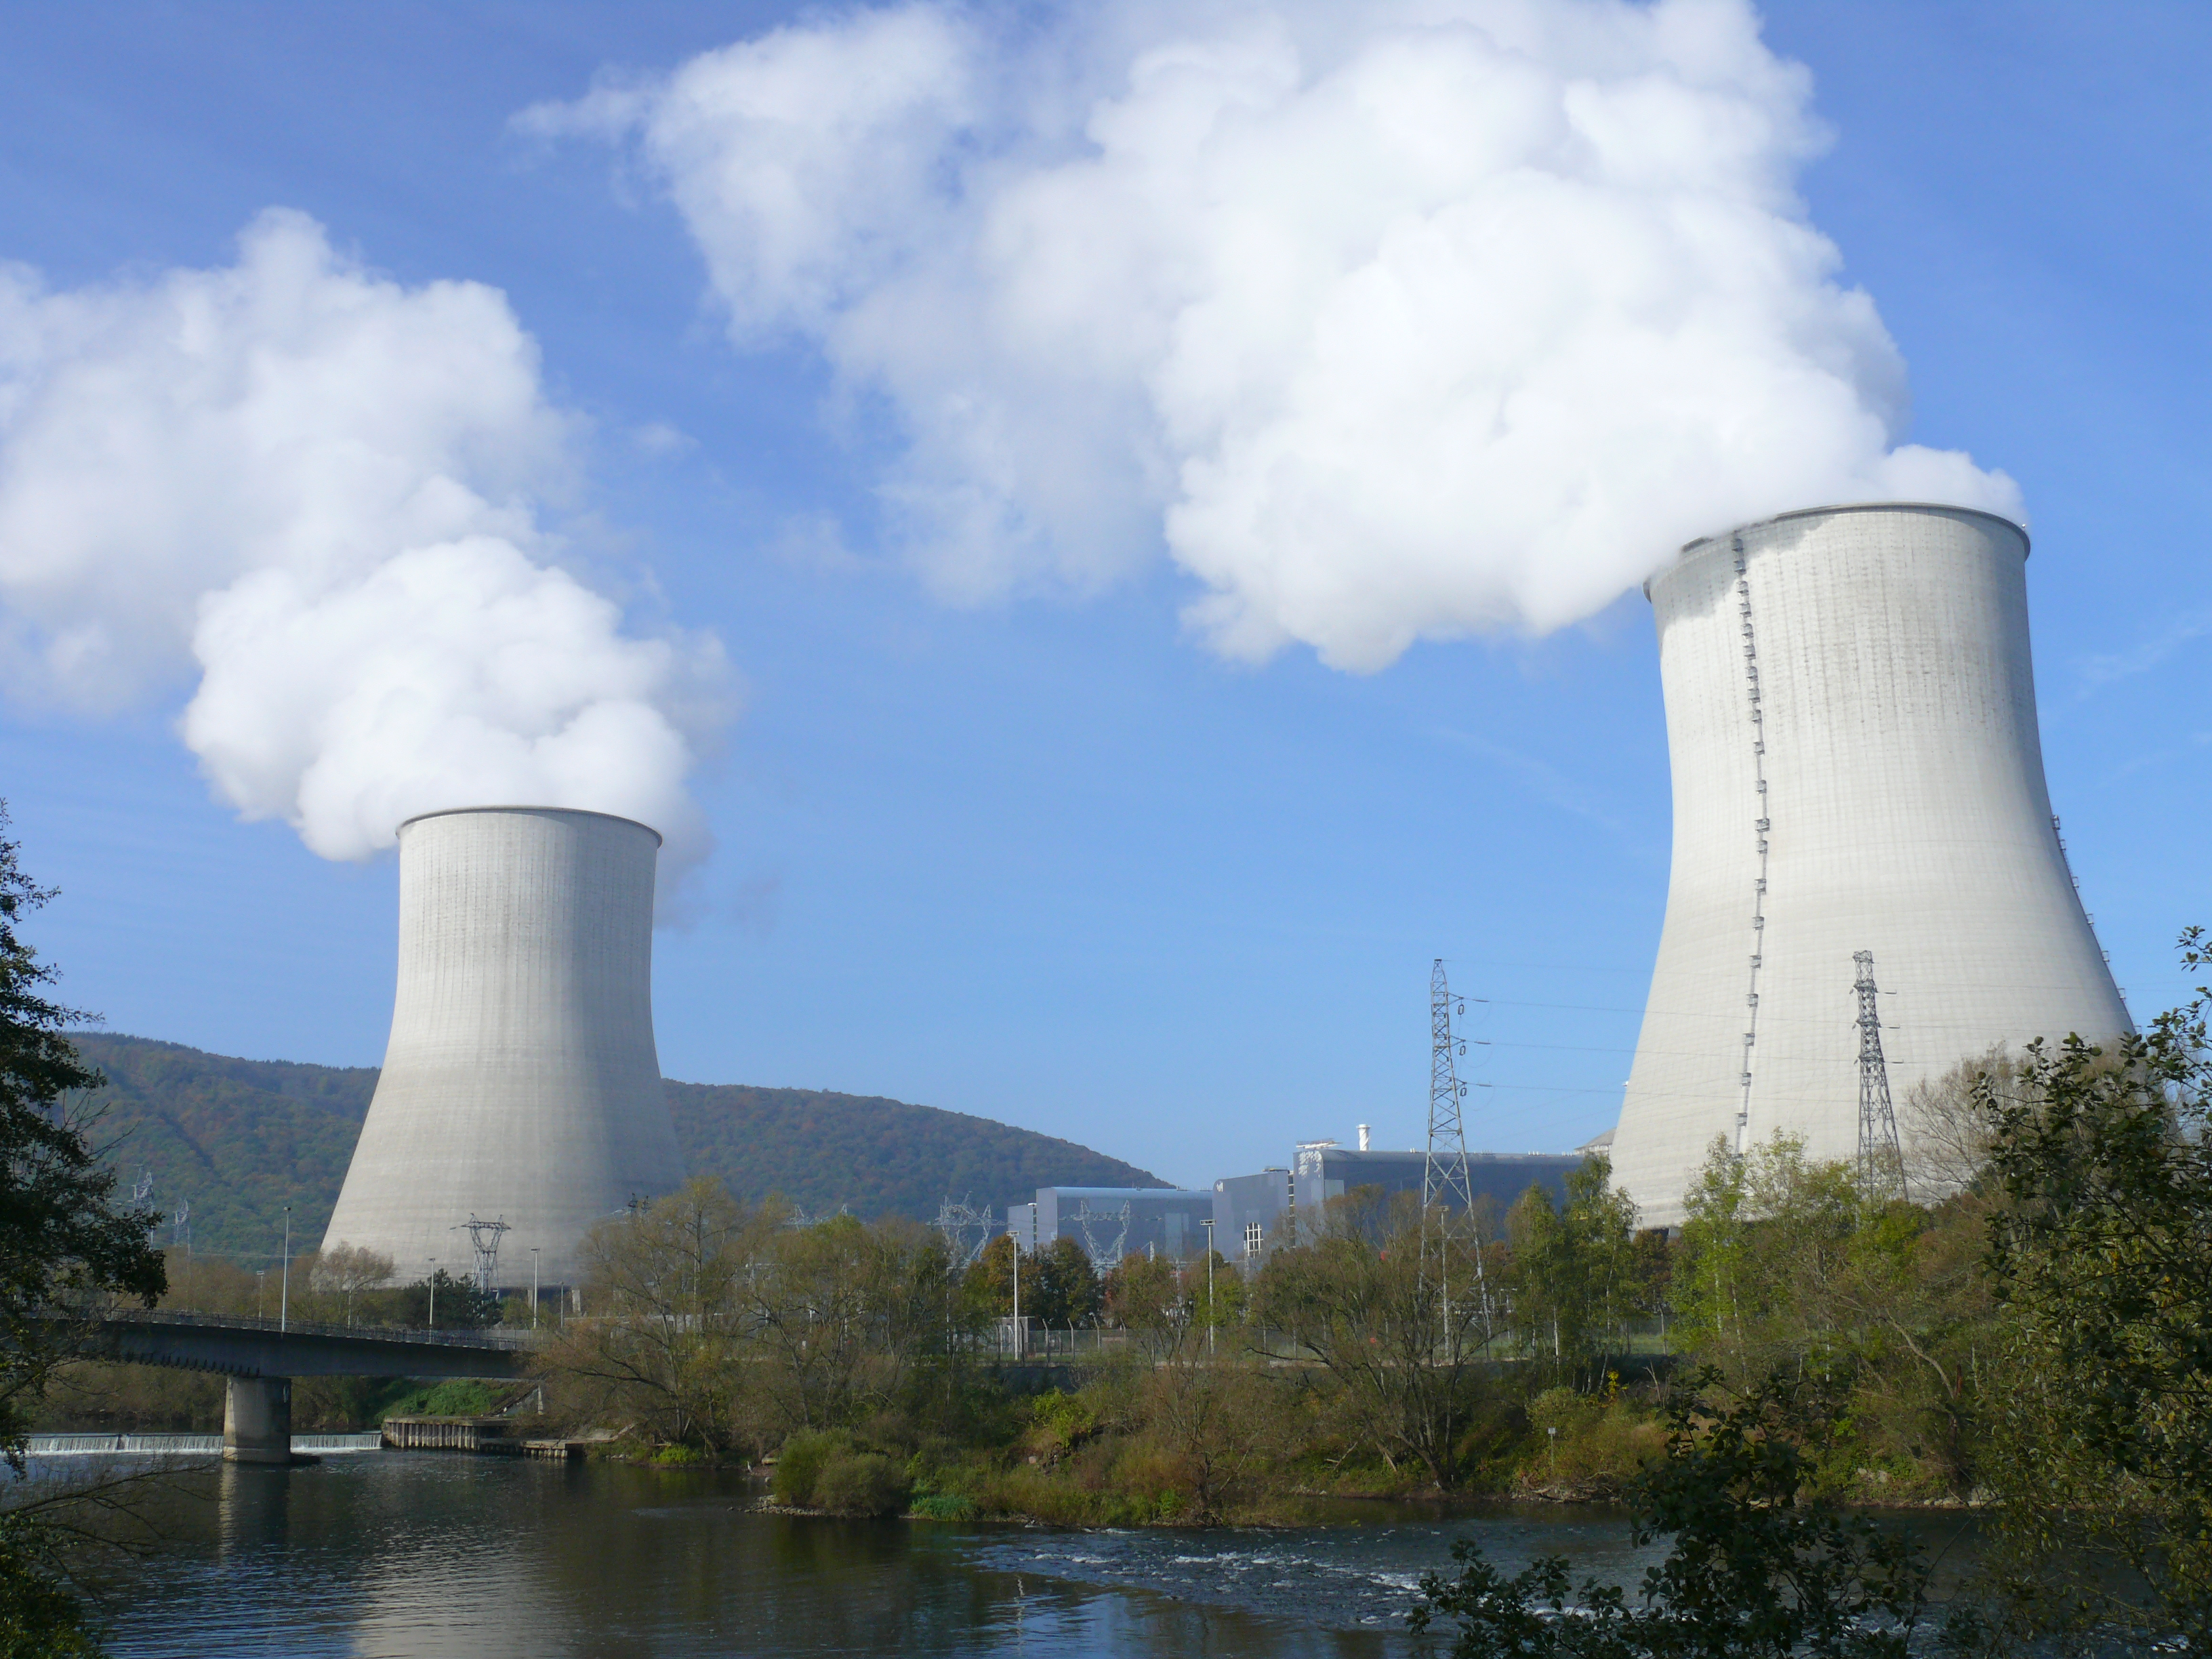 Centrale nucléaire de Chooz (France)